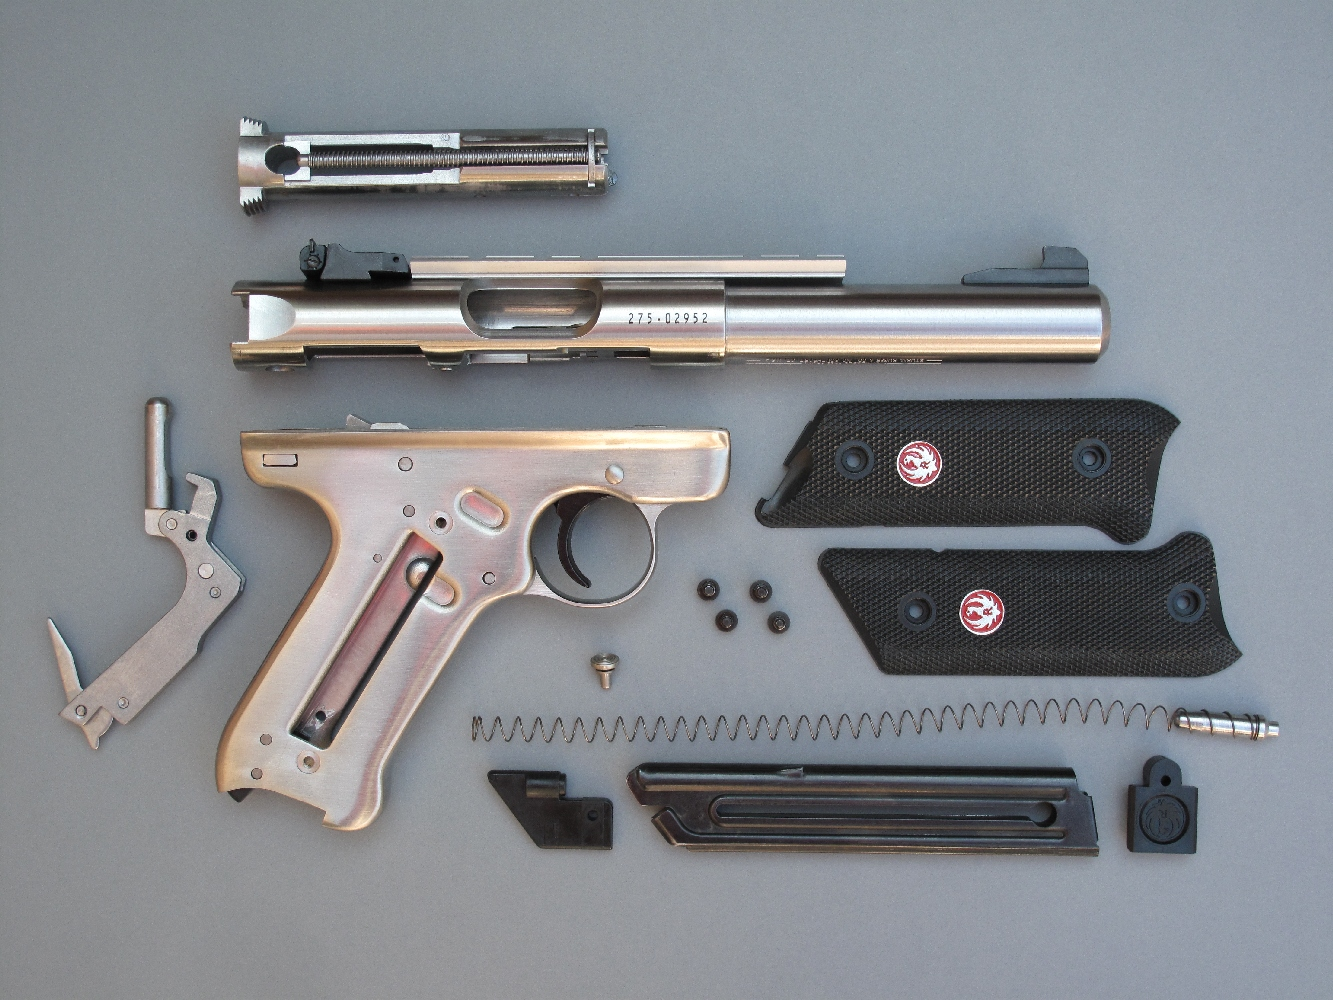 En théorie, le démontage sommaire de ce pistolet est simple. En pratique, la moindre erreur dans le séquencement des manipulations pose problème et, sur une arme neuve, les ajustages serrés rendent cette opération difficilement réalisable sans l'aide d'outil.